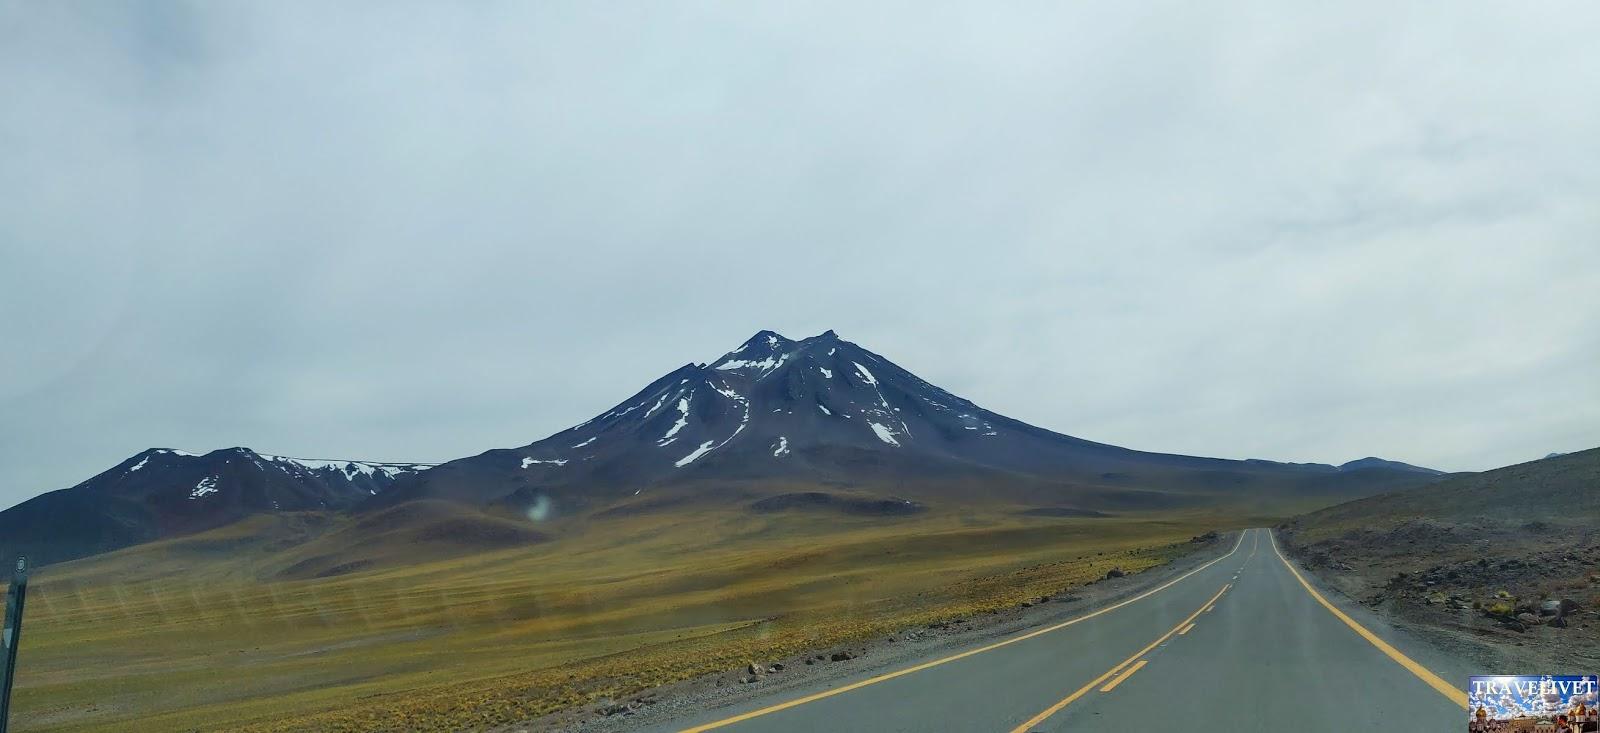 Mon itinéraire de 3 jours pour visiter San Pedro de Atacama en voiture